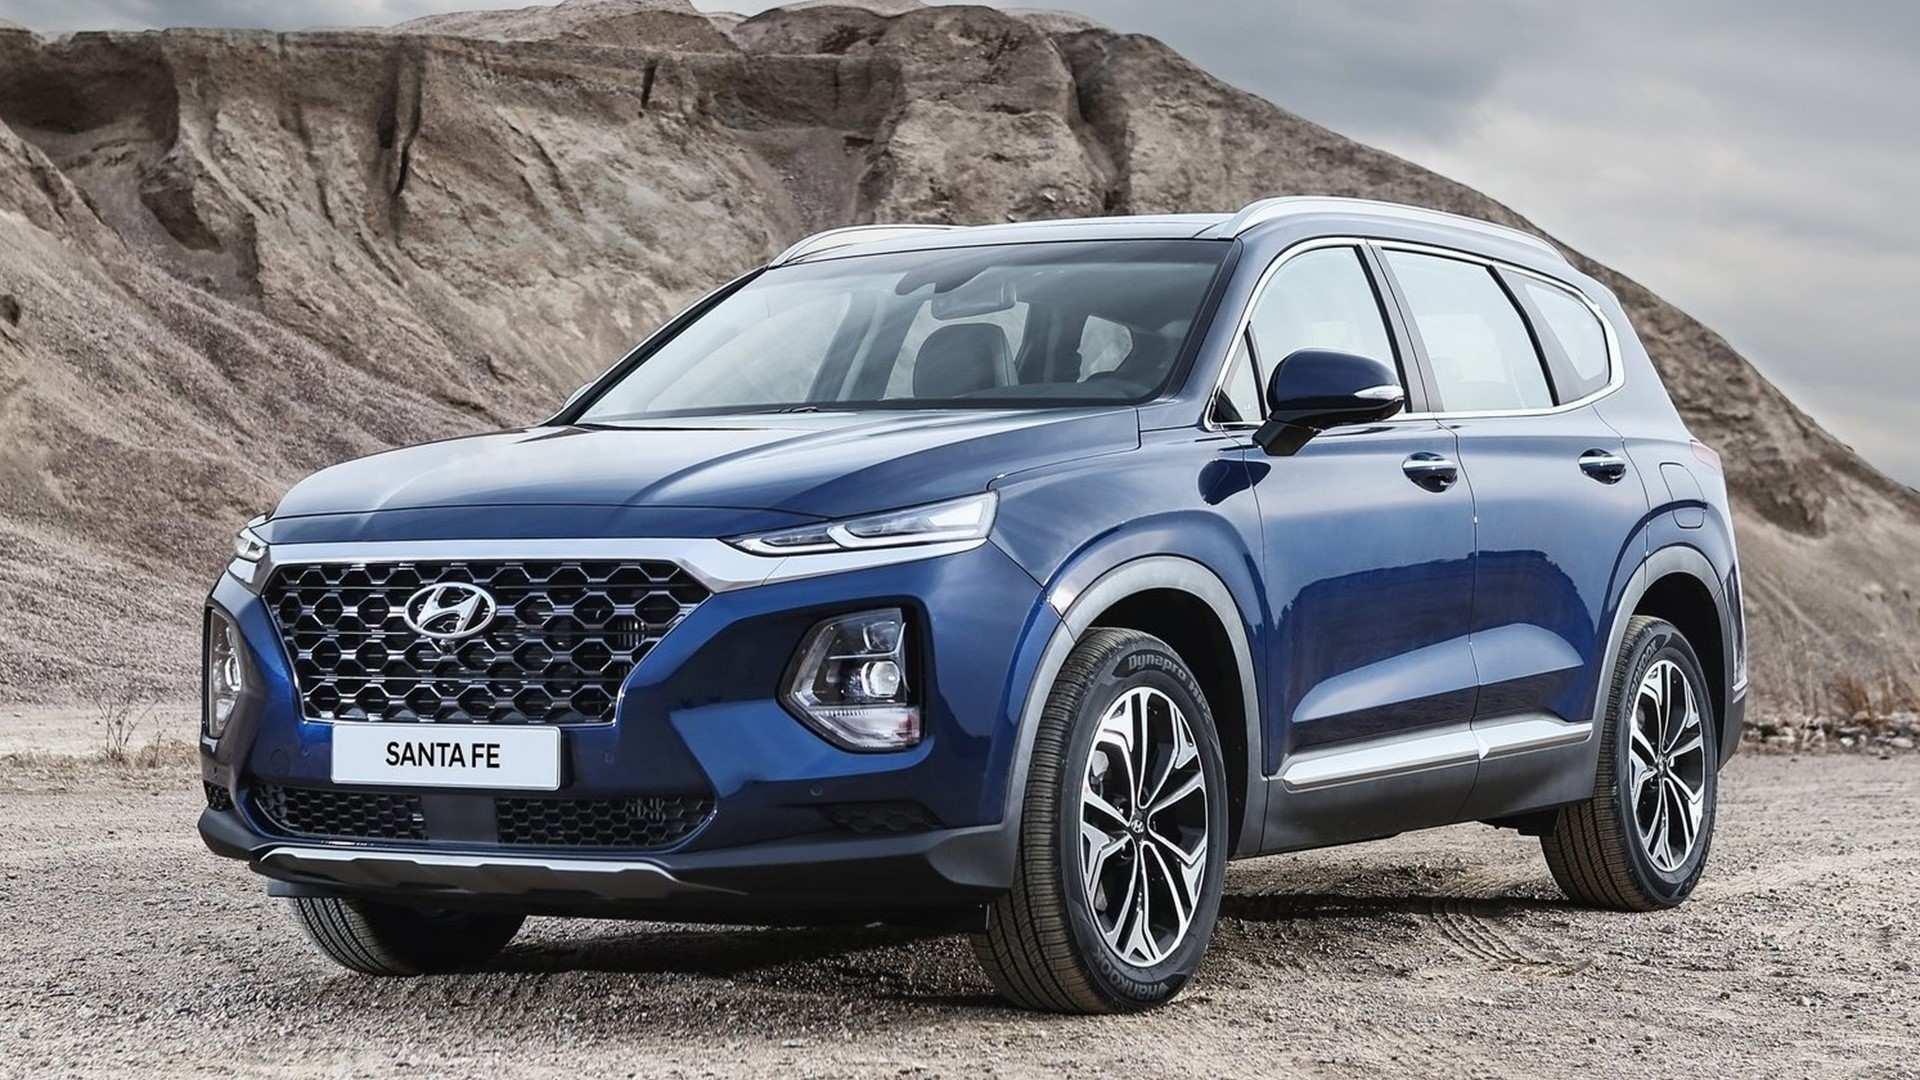 26 The Hyundai Santa Fe 2020 Interior for Hyundai Santa Fe 2020